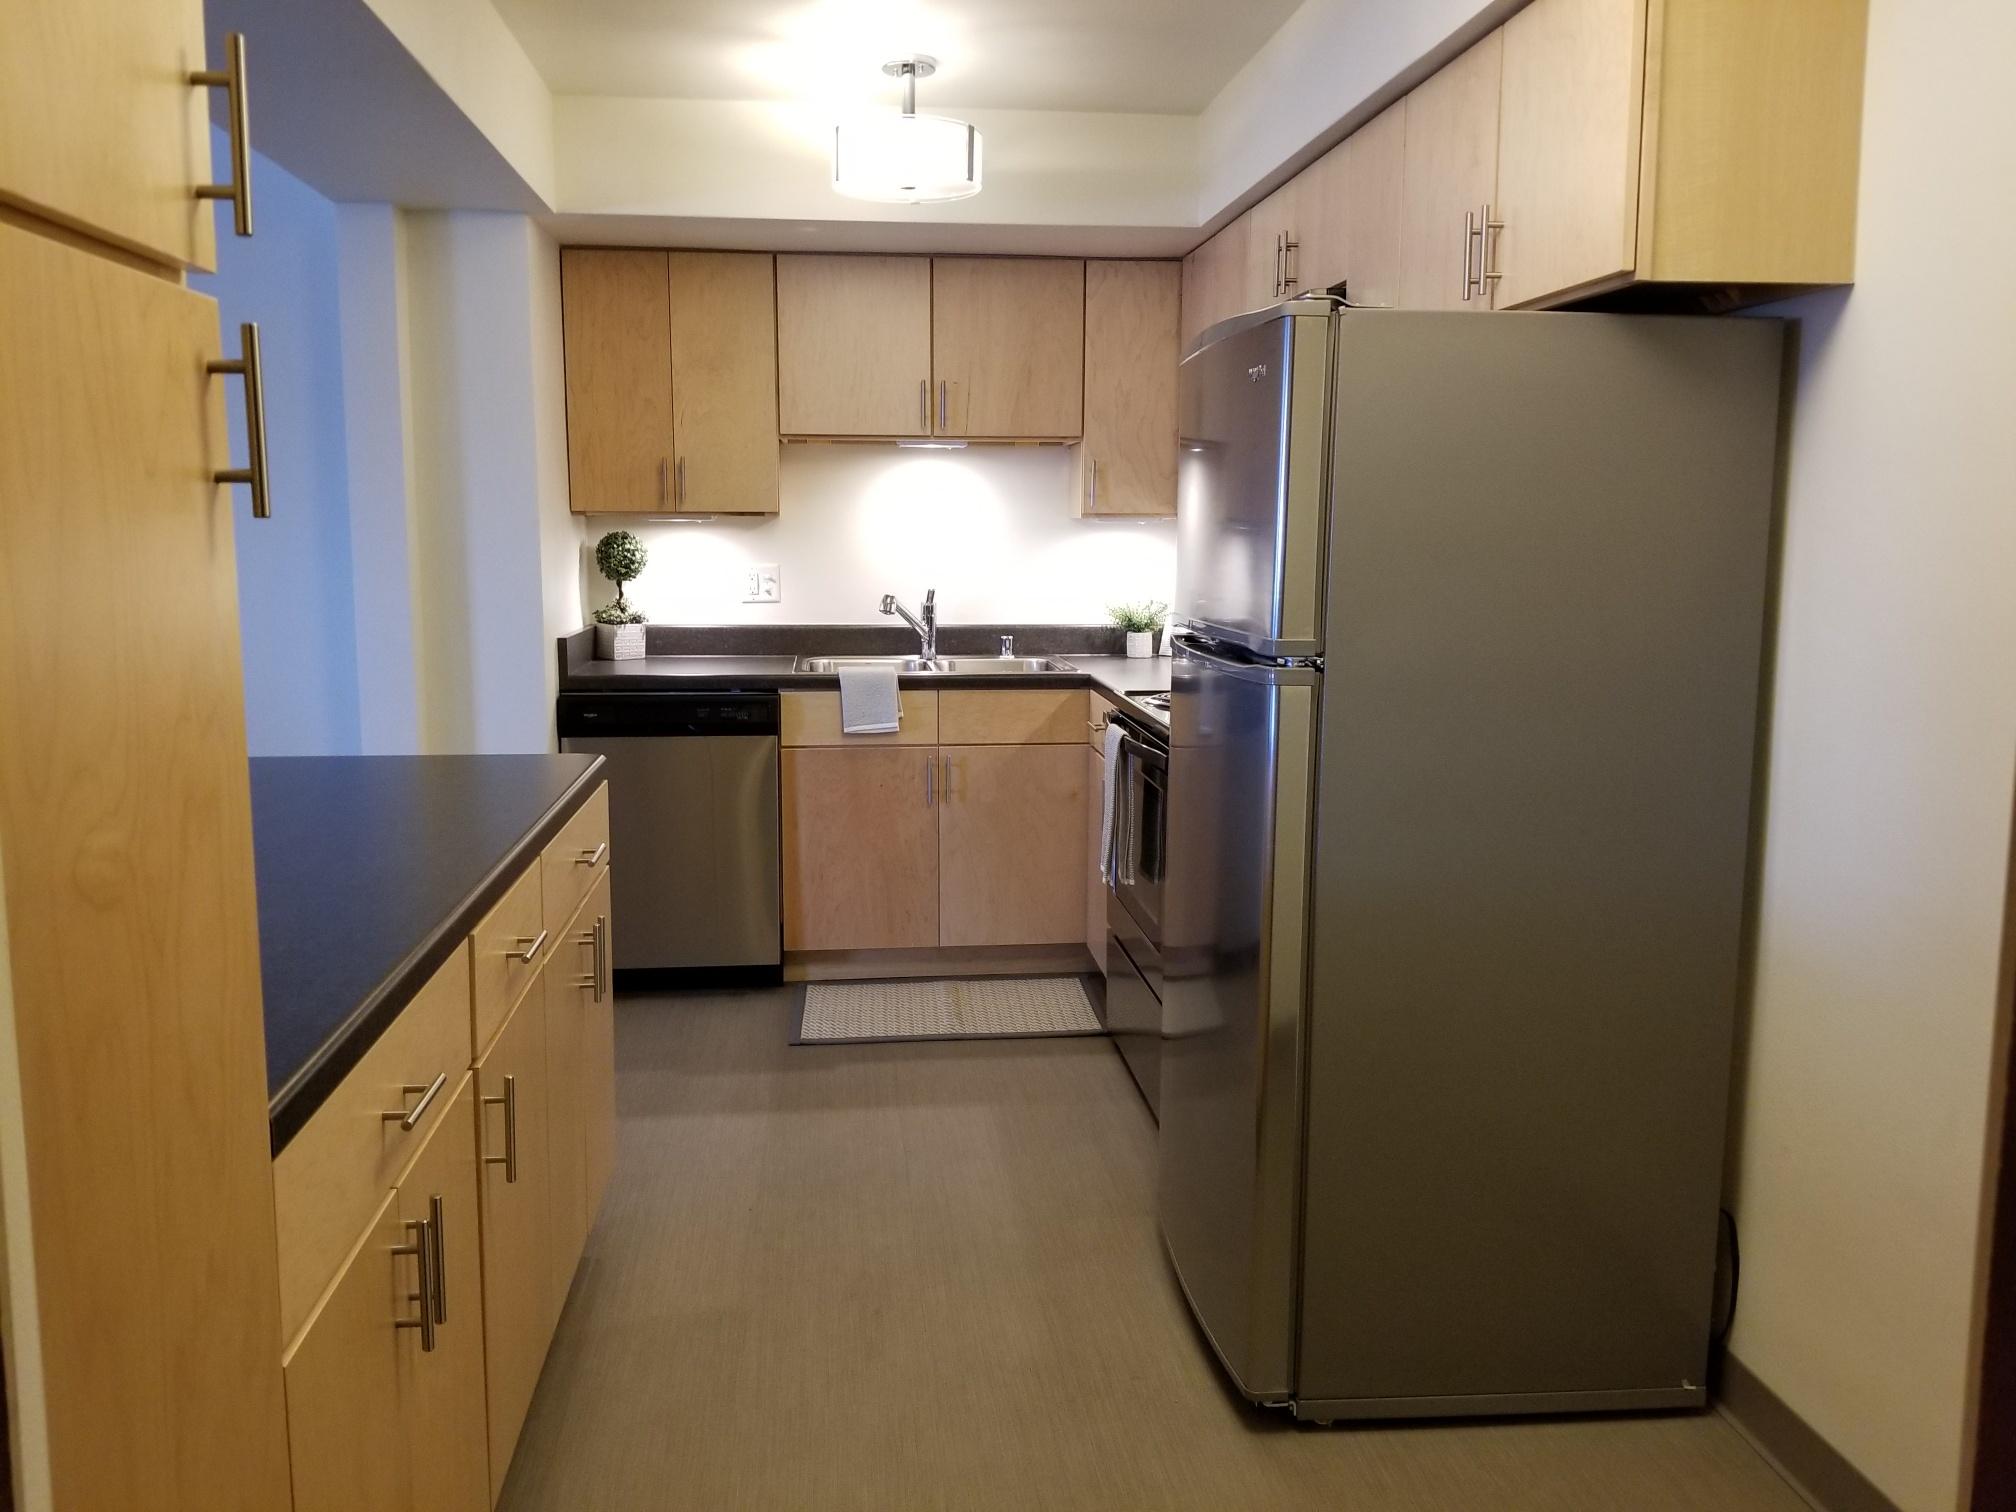 3939-805 kitchen 4.jpg